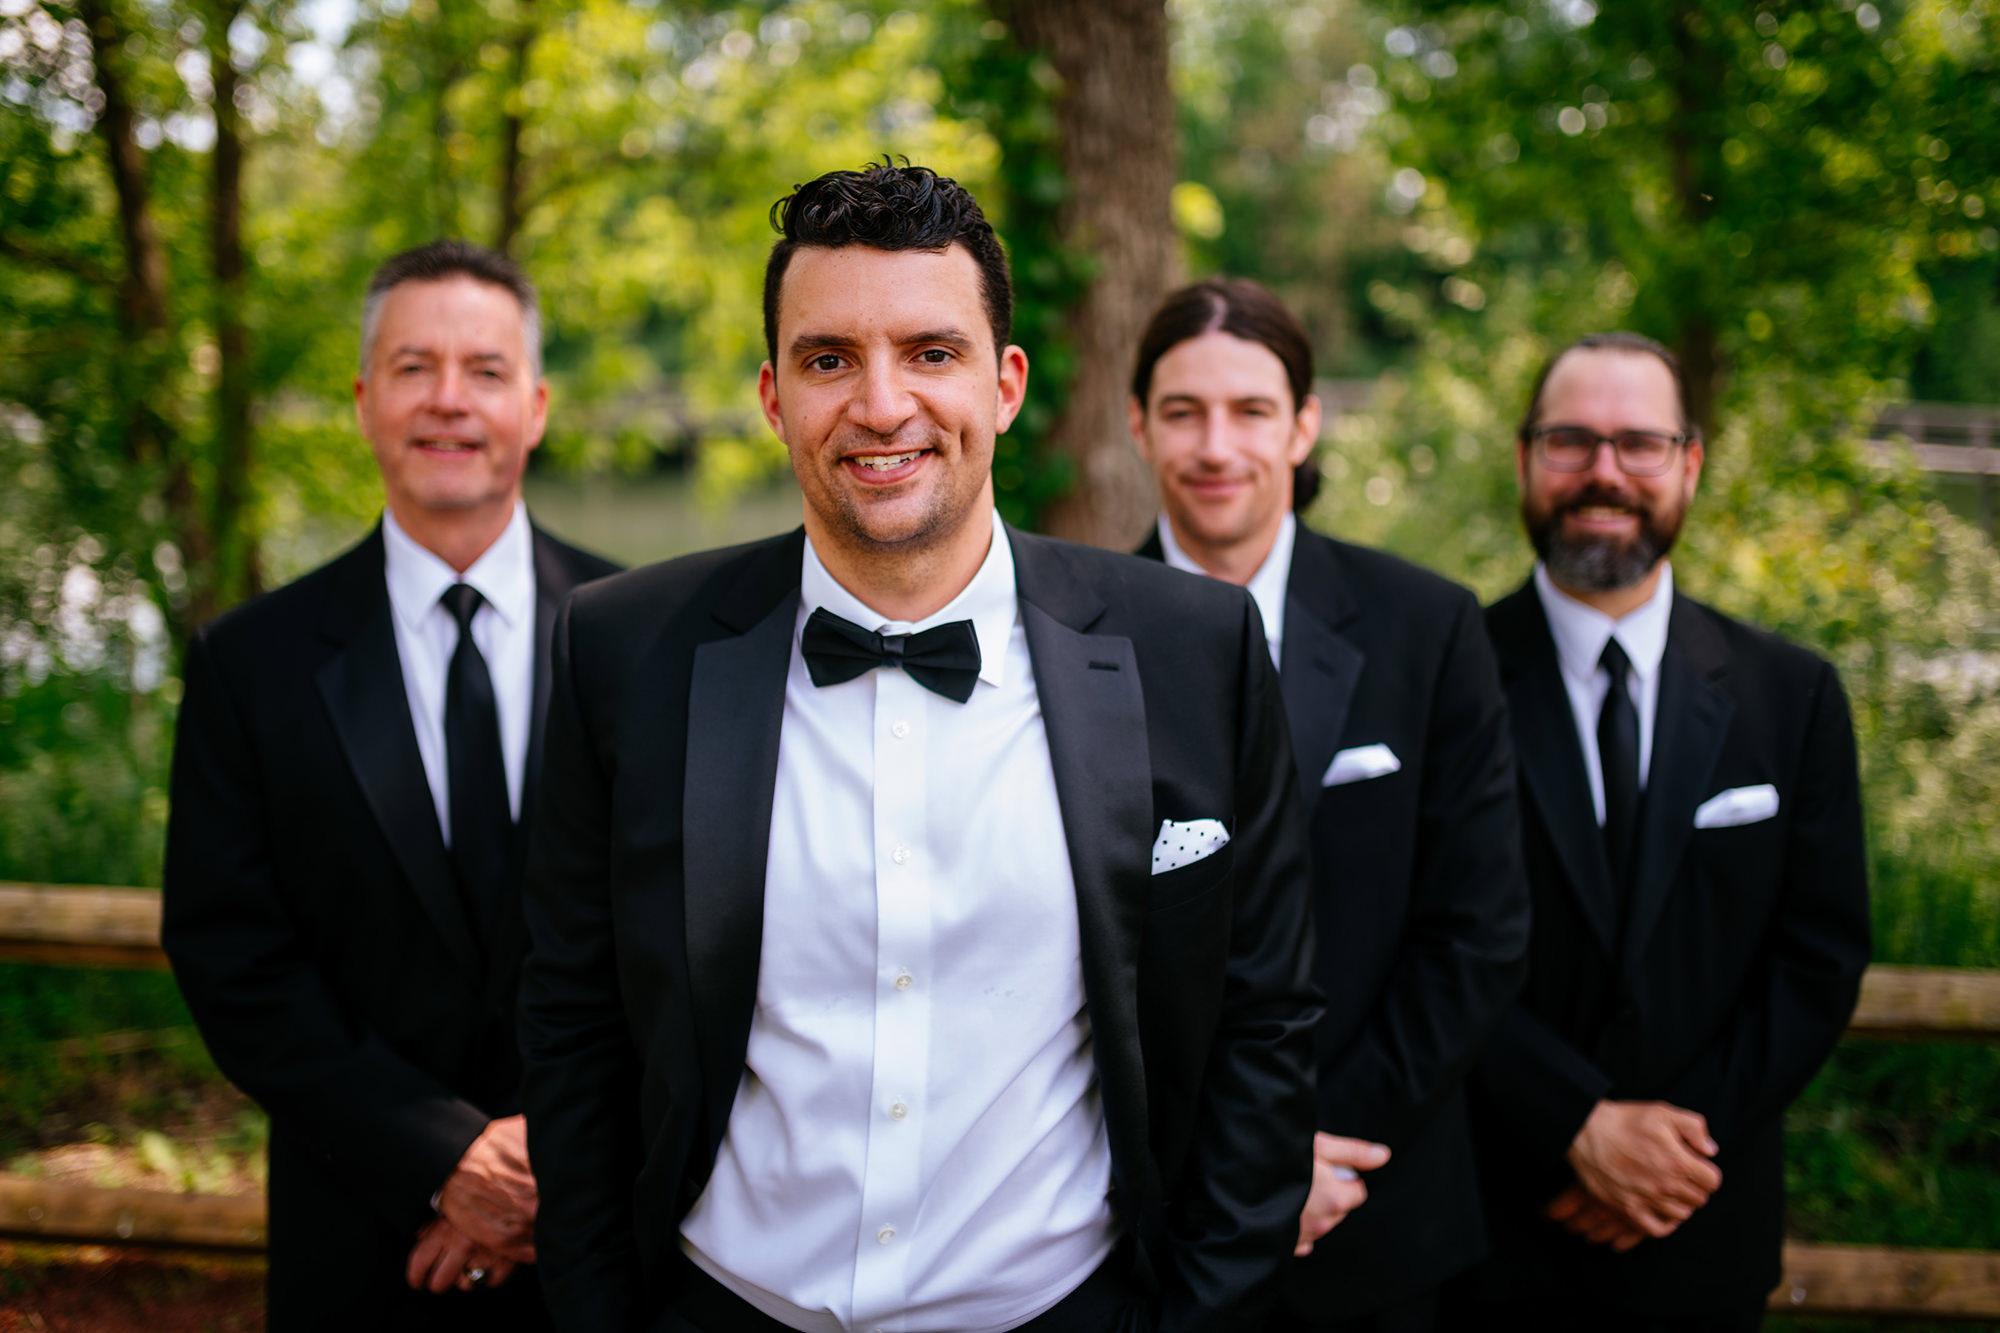 outdoor groomsmen portrait